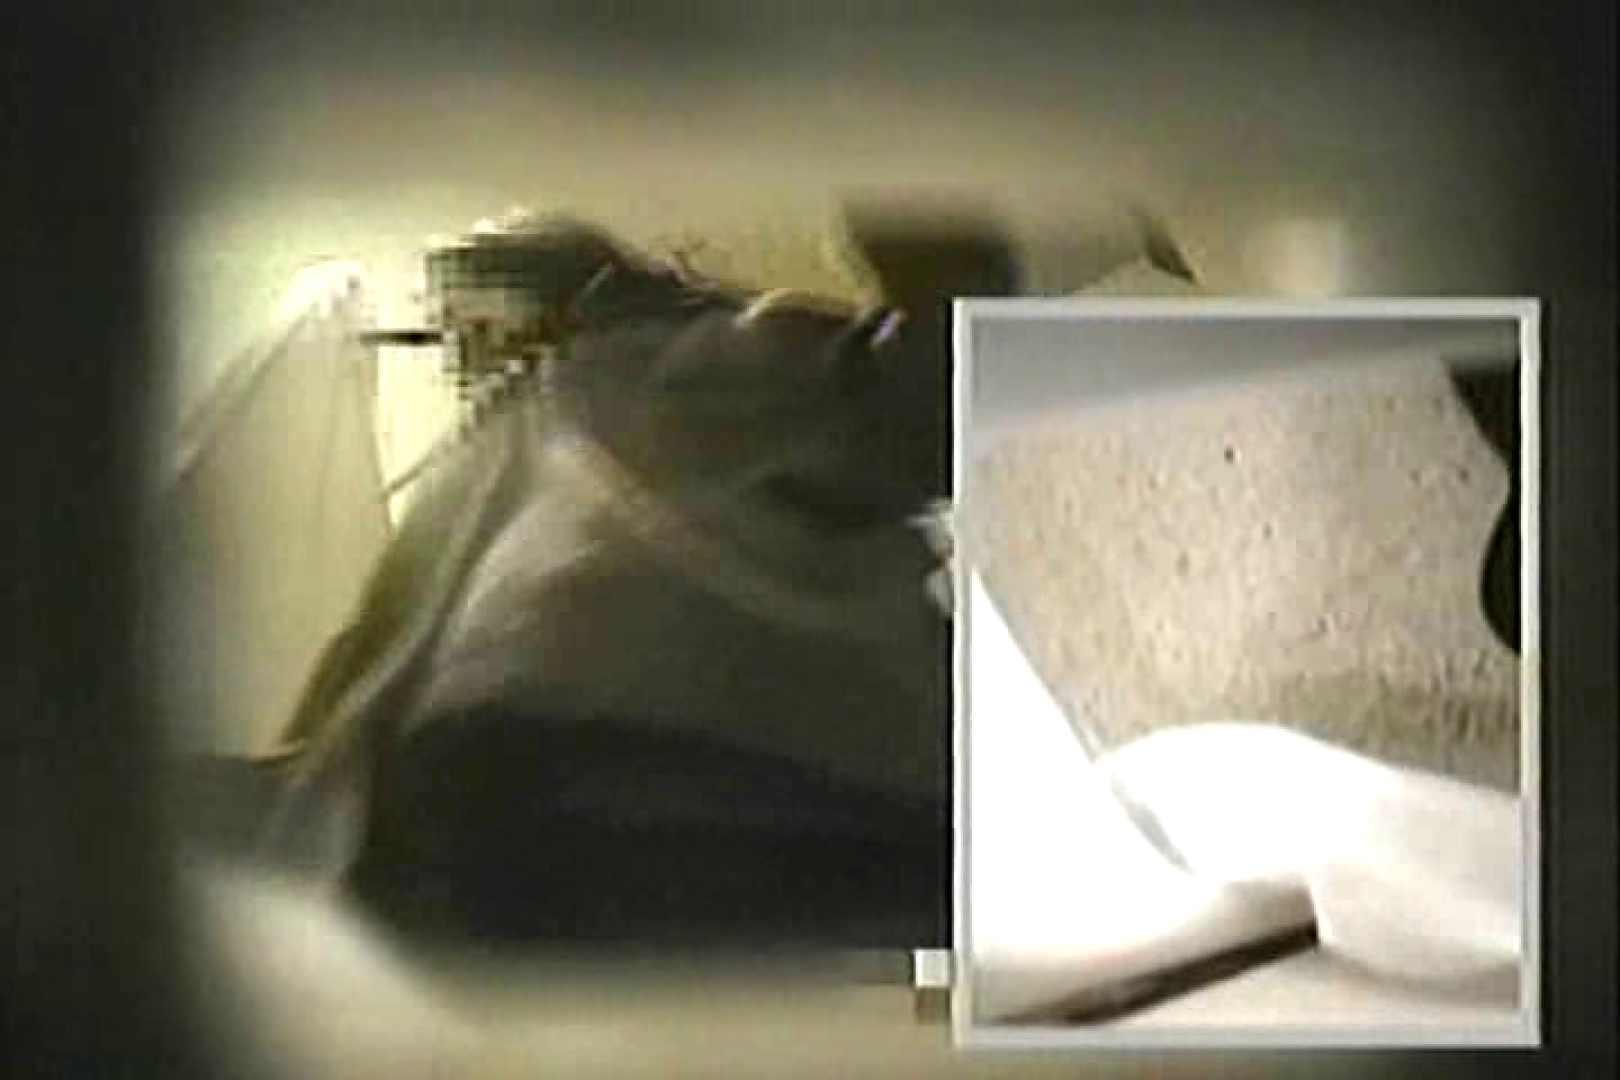 女子洗面所盗撮 今度の2カメは若い子だらけ  TK-127 洗面所 | おまんこ無修正  62pic 56